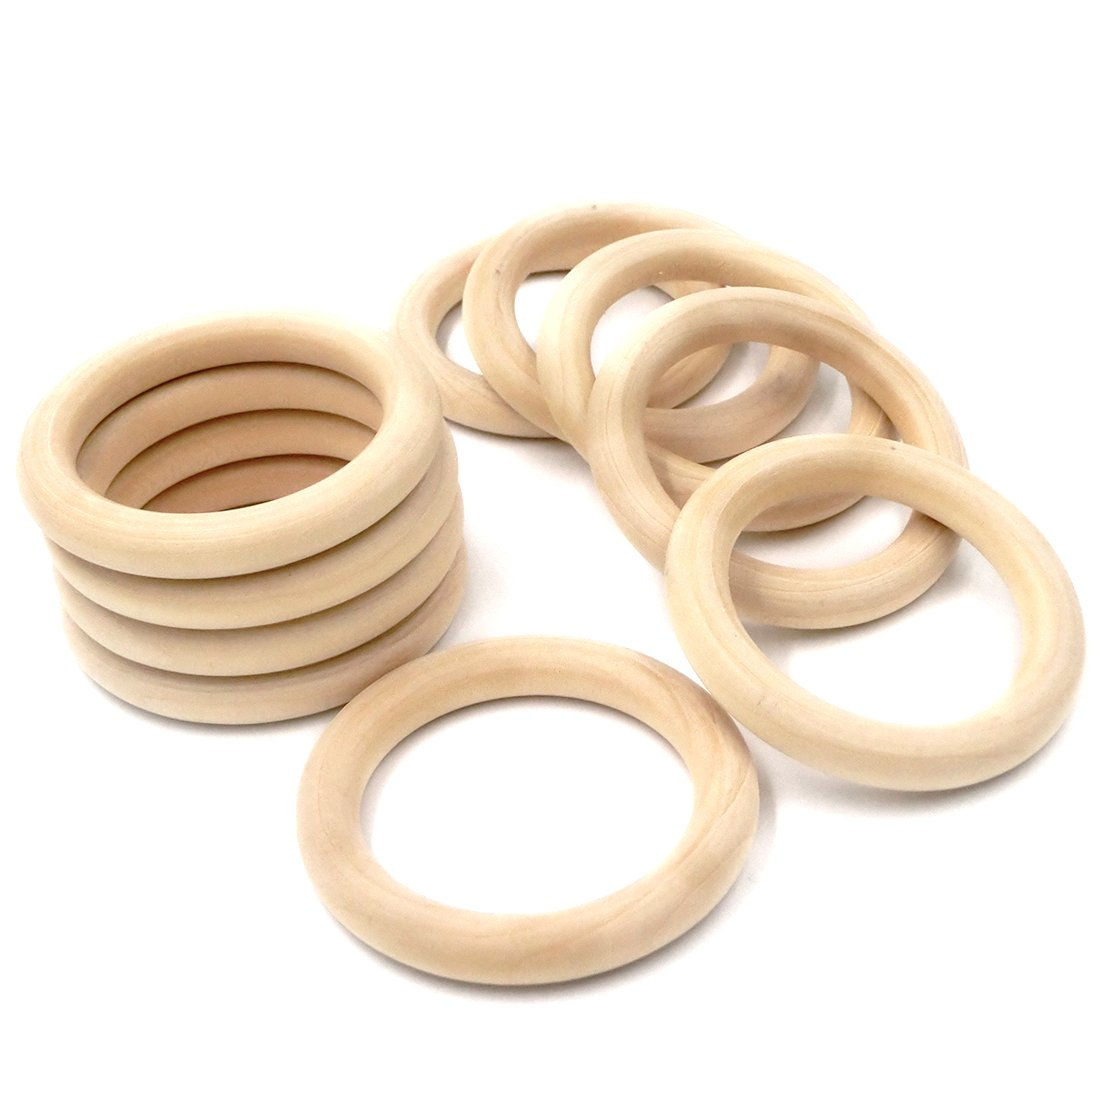 Coskiss 10pcs Beb/é de la dentici/ón de madera Anillo de madera de 68 mm de di/ámetro exterior 2,67 pulgadas 10 mordedores que lanzan juegos DIY anillo de collar y pulsera Accesorios